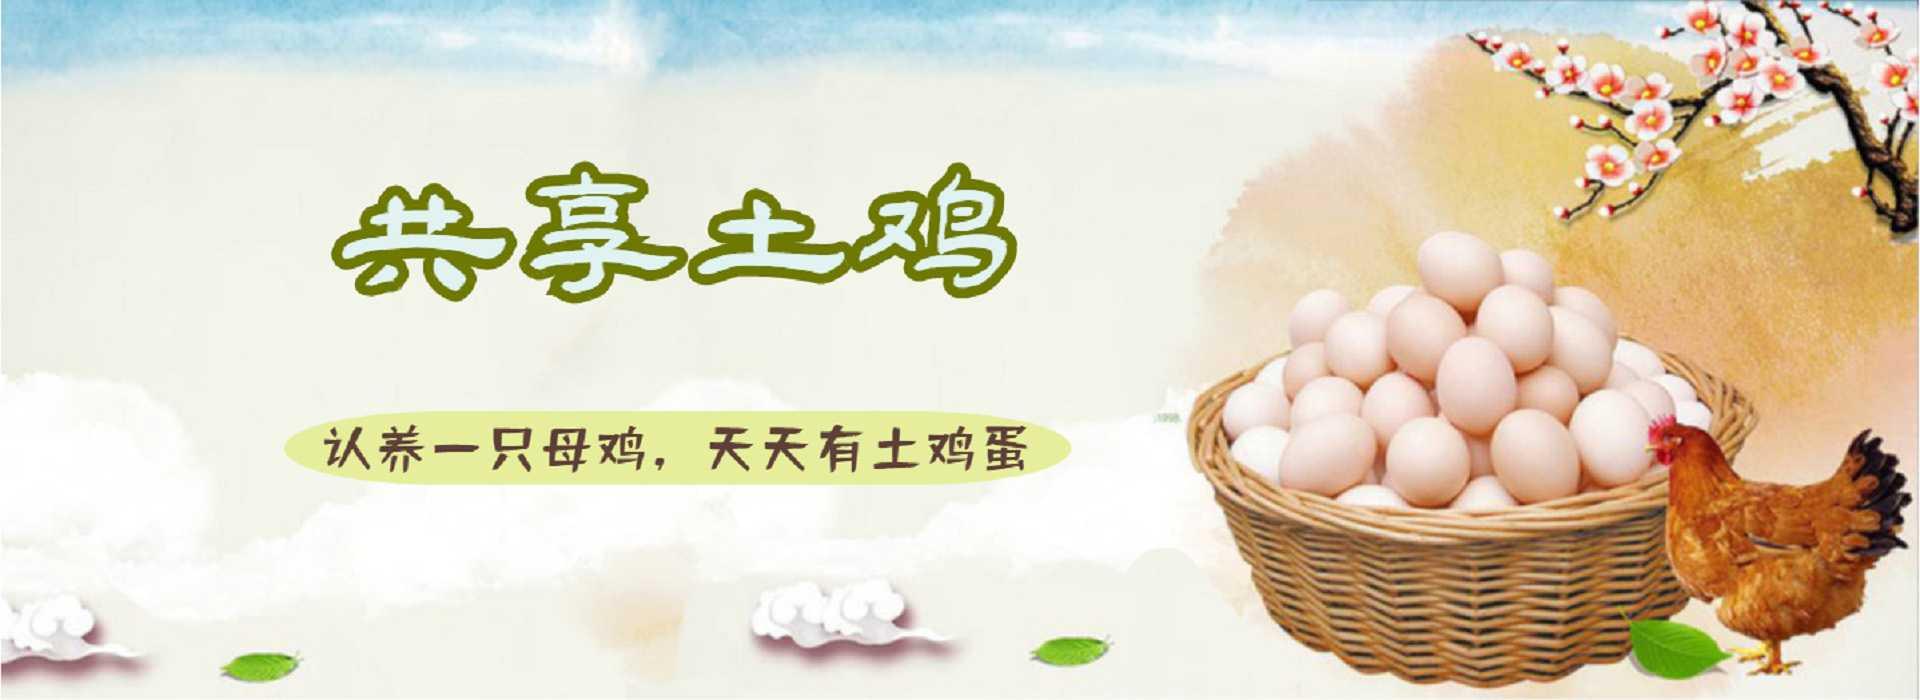 湖南共享农场-共享土鸡